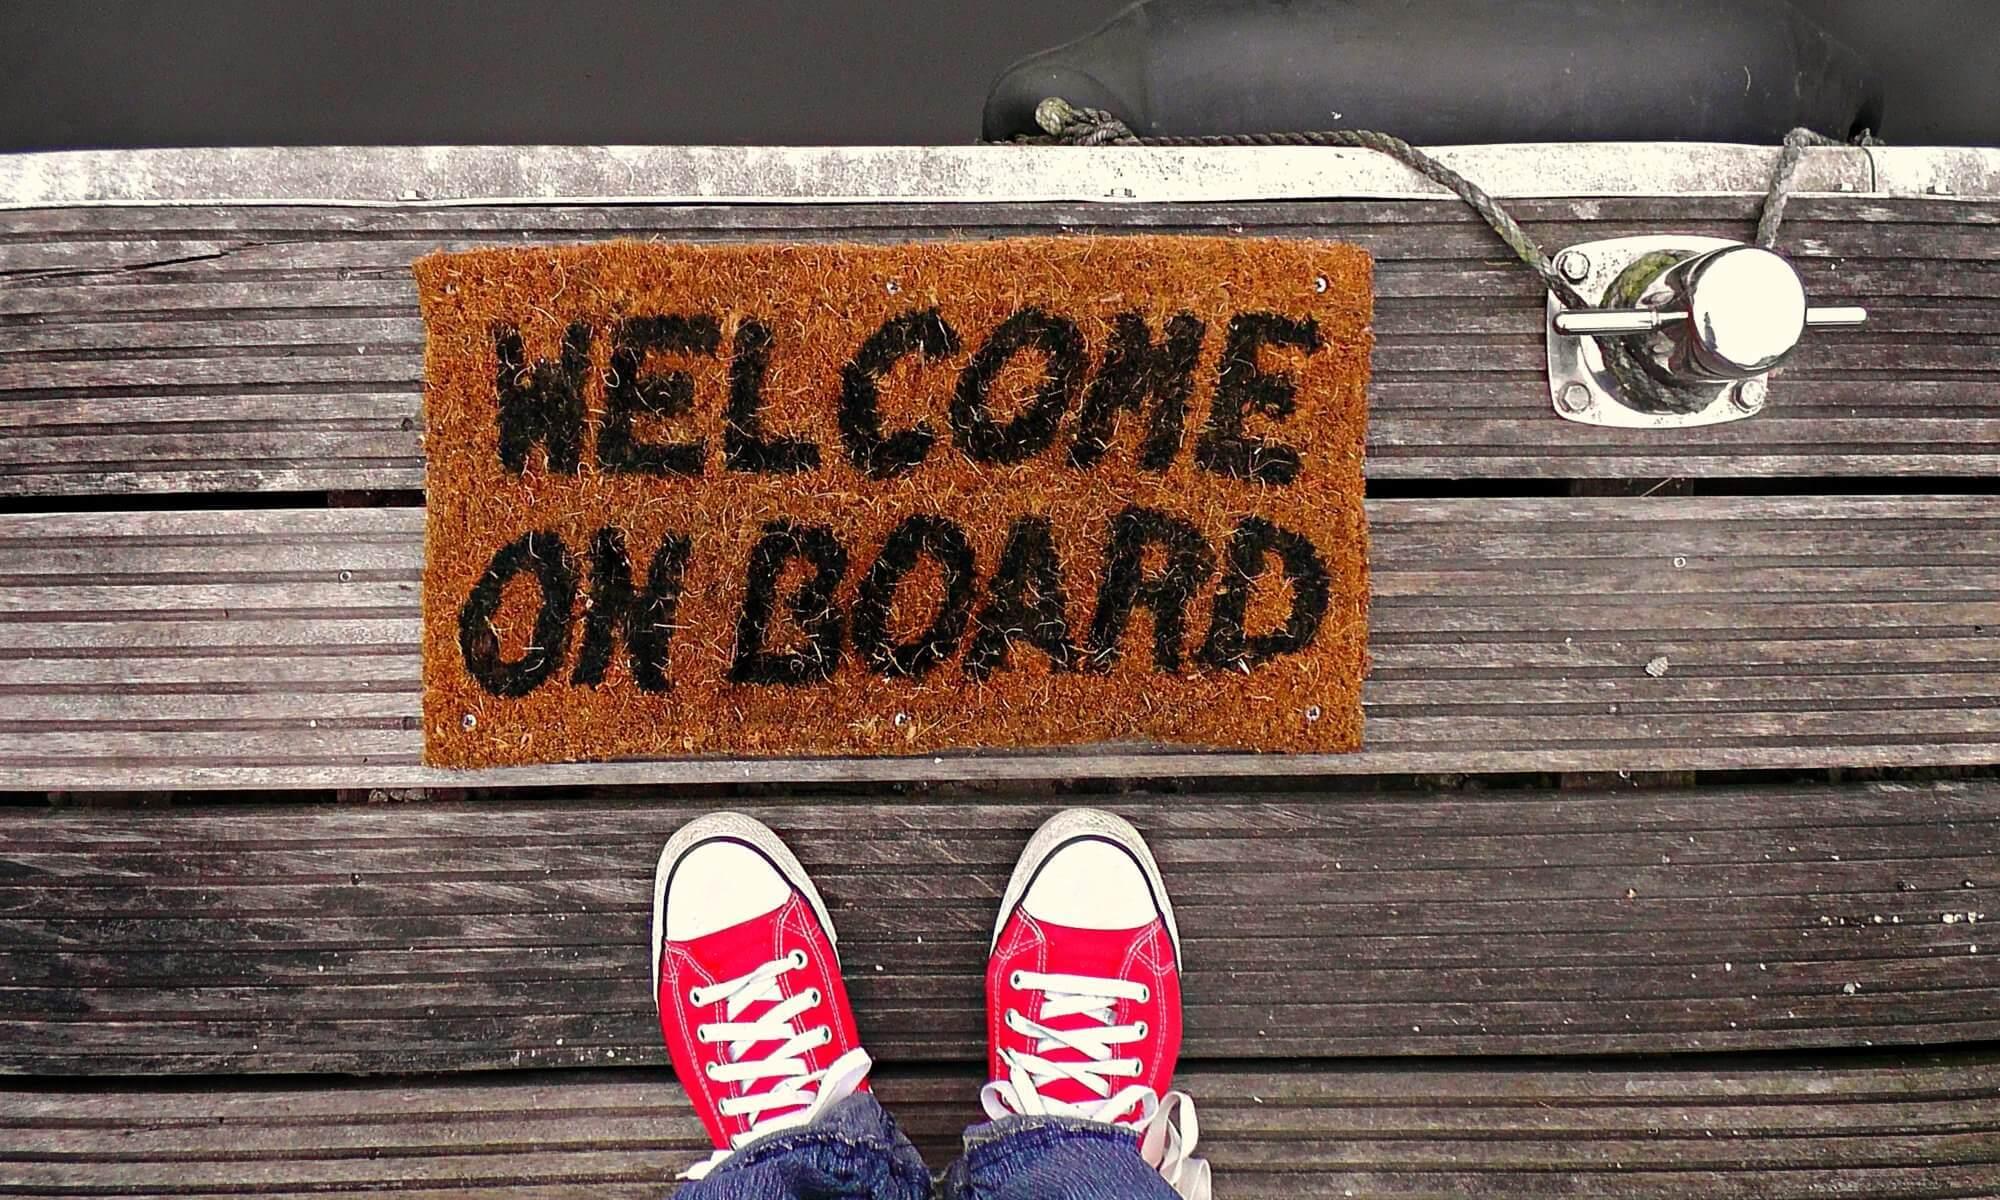 professionelles Onboarding und Willkommen für neue Kollegen